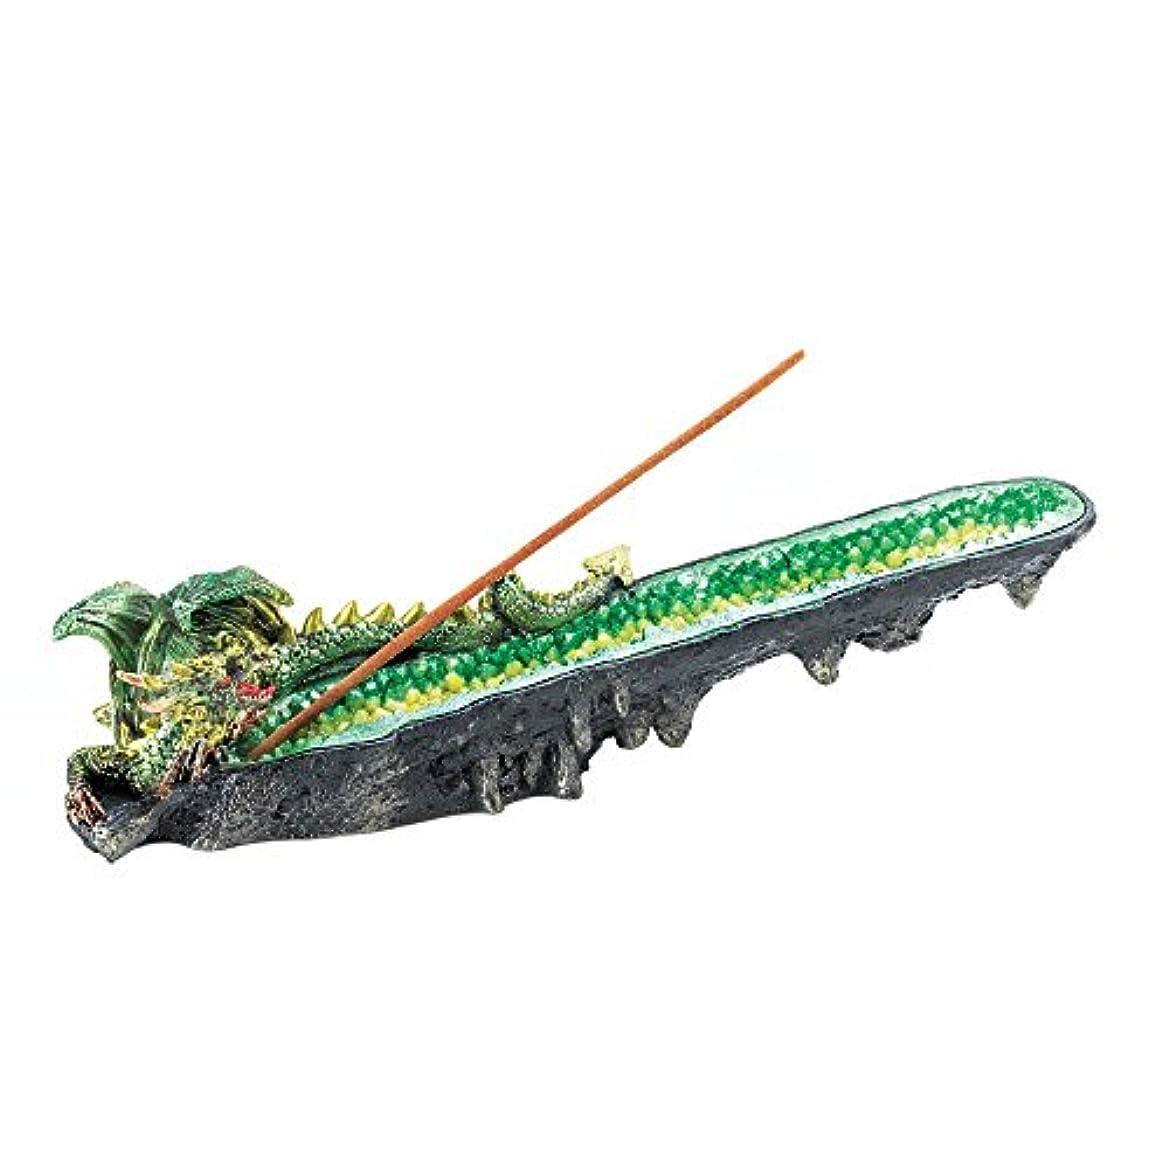 相談する複製する手錠Incense Burners、ドラゴングリーン樹脂Incense Burner Statue for Incense Stick